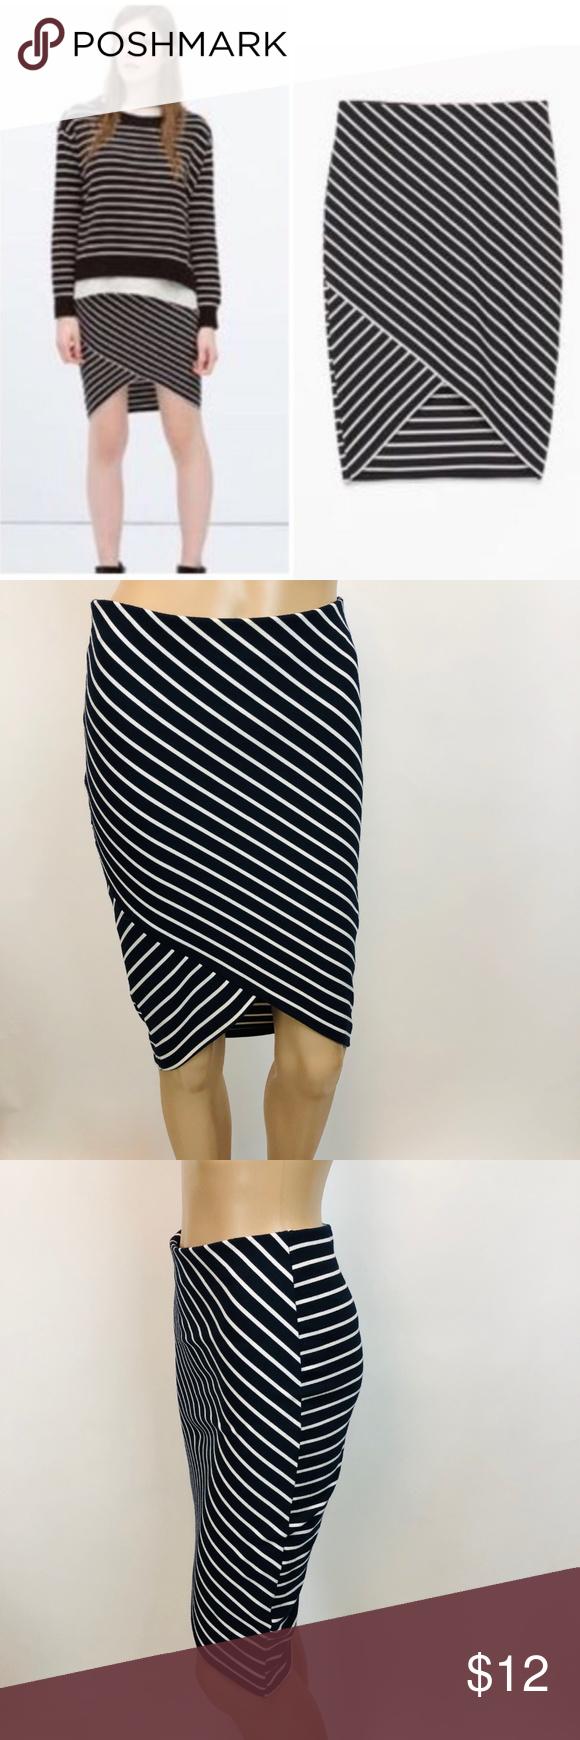 8a8b582007 Zara Trafaluc Striped Faux Wrap Pencil Skirt Womens Zara Trafaluc Size S  Striped Faux Wrap Pencil